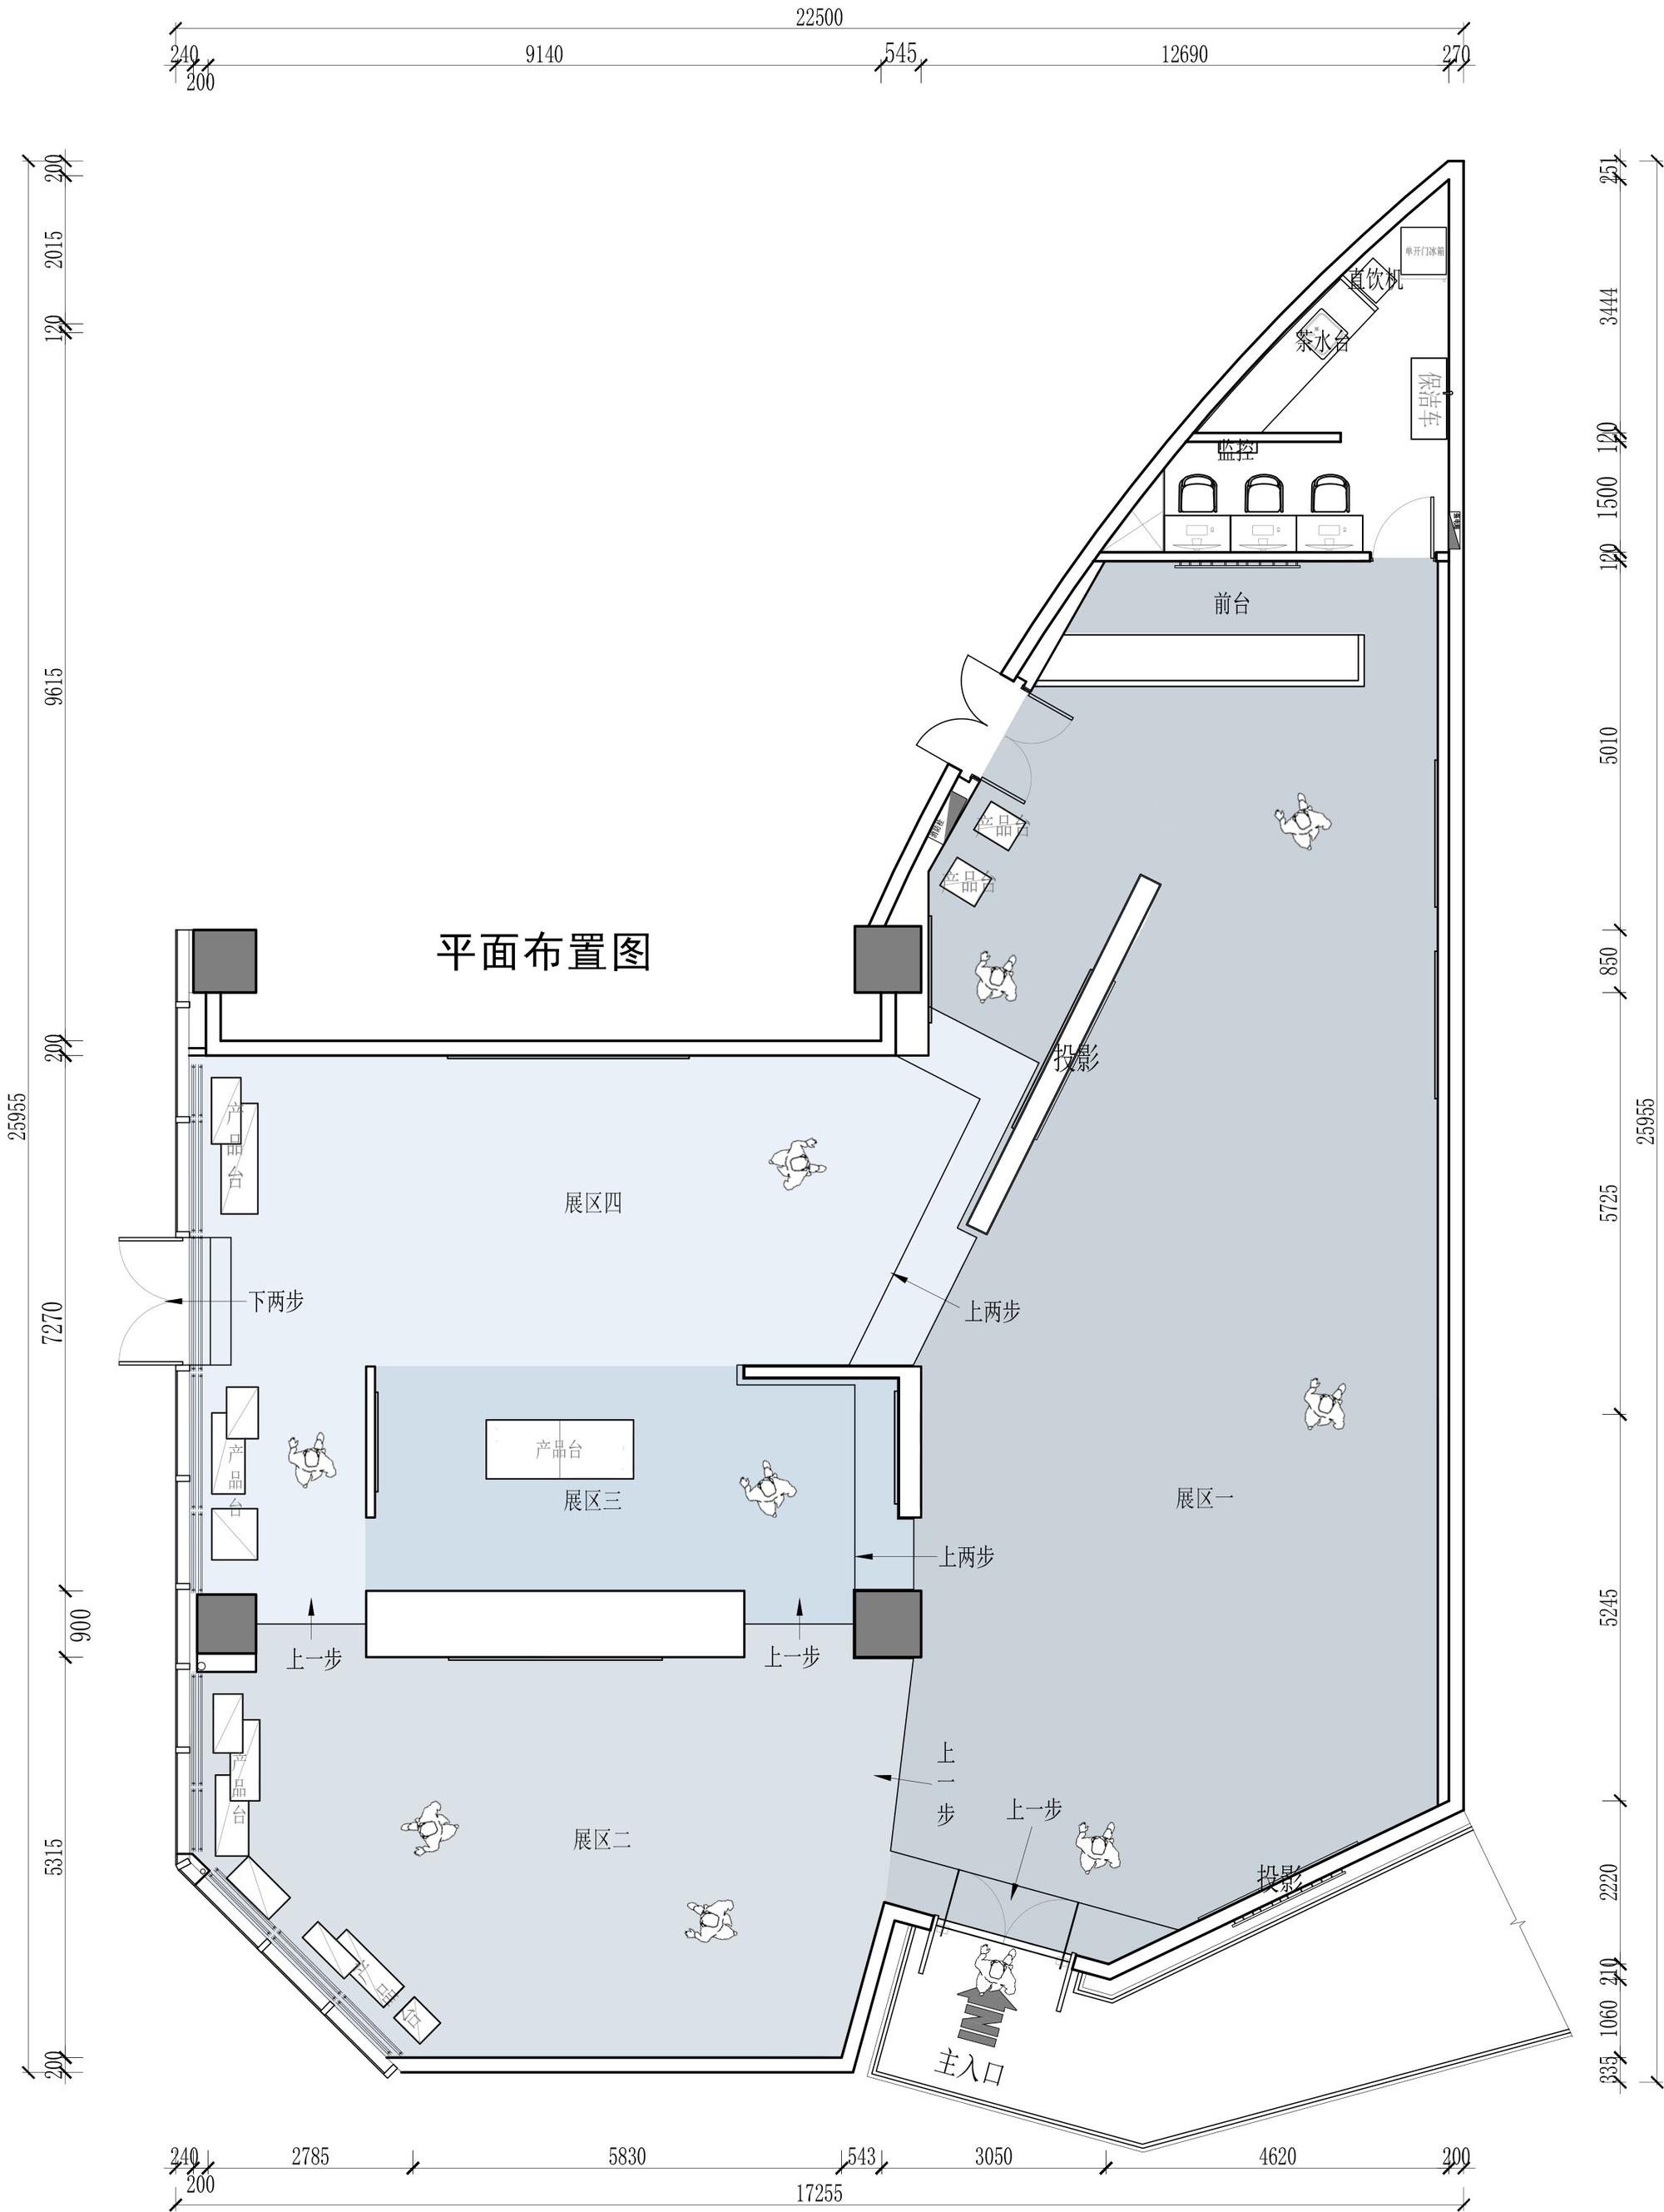 22_平面彩图.jpg